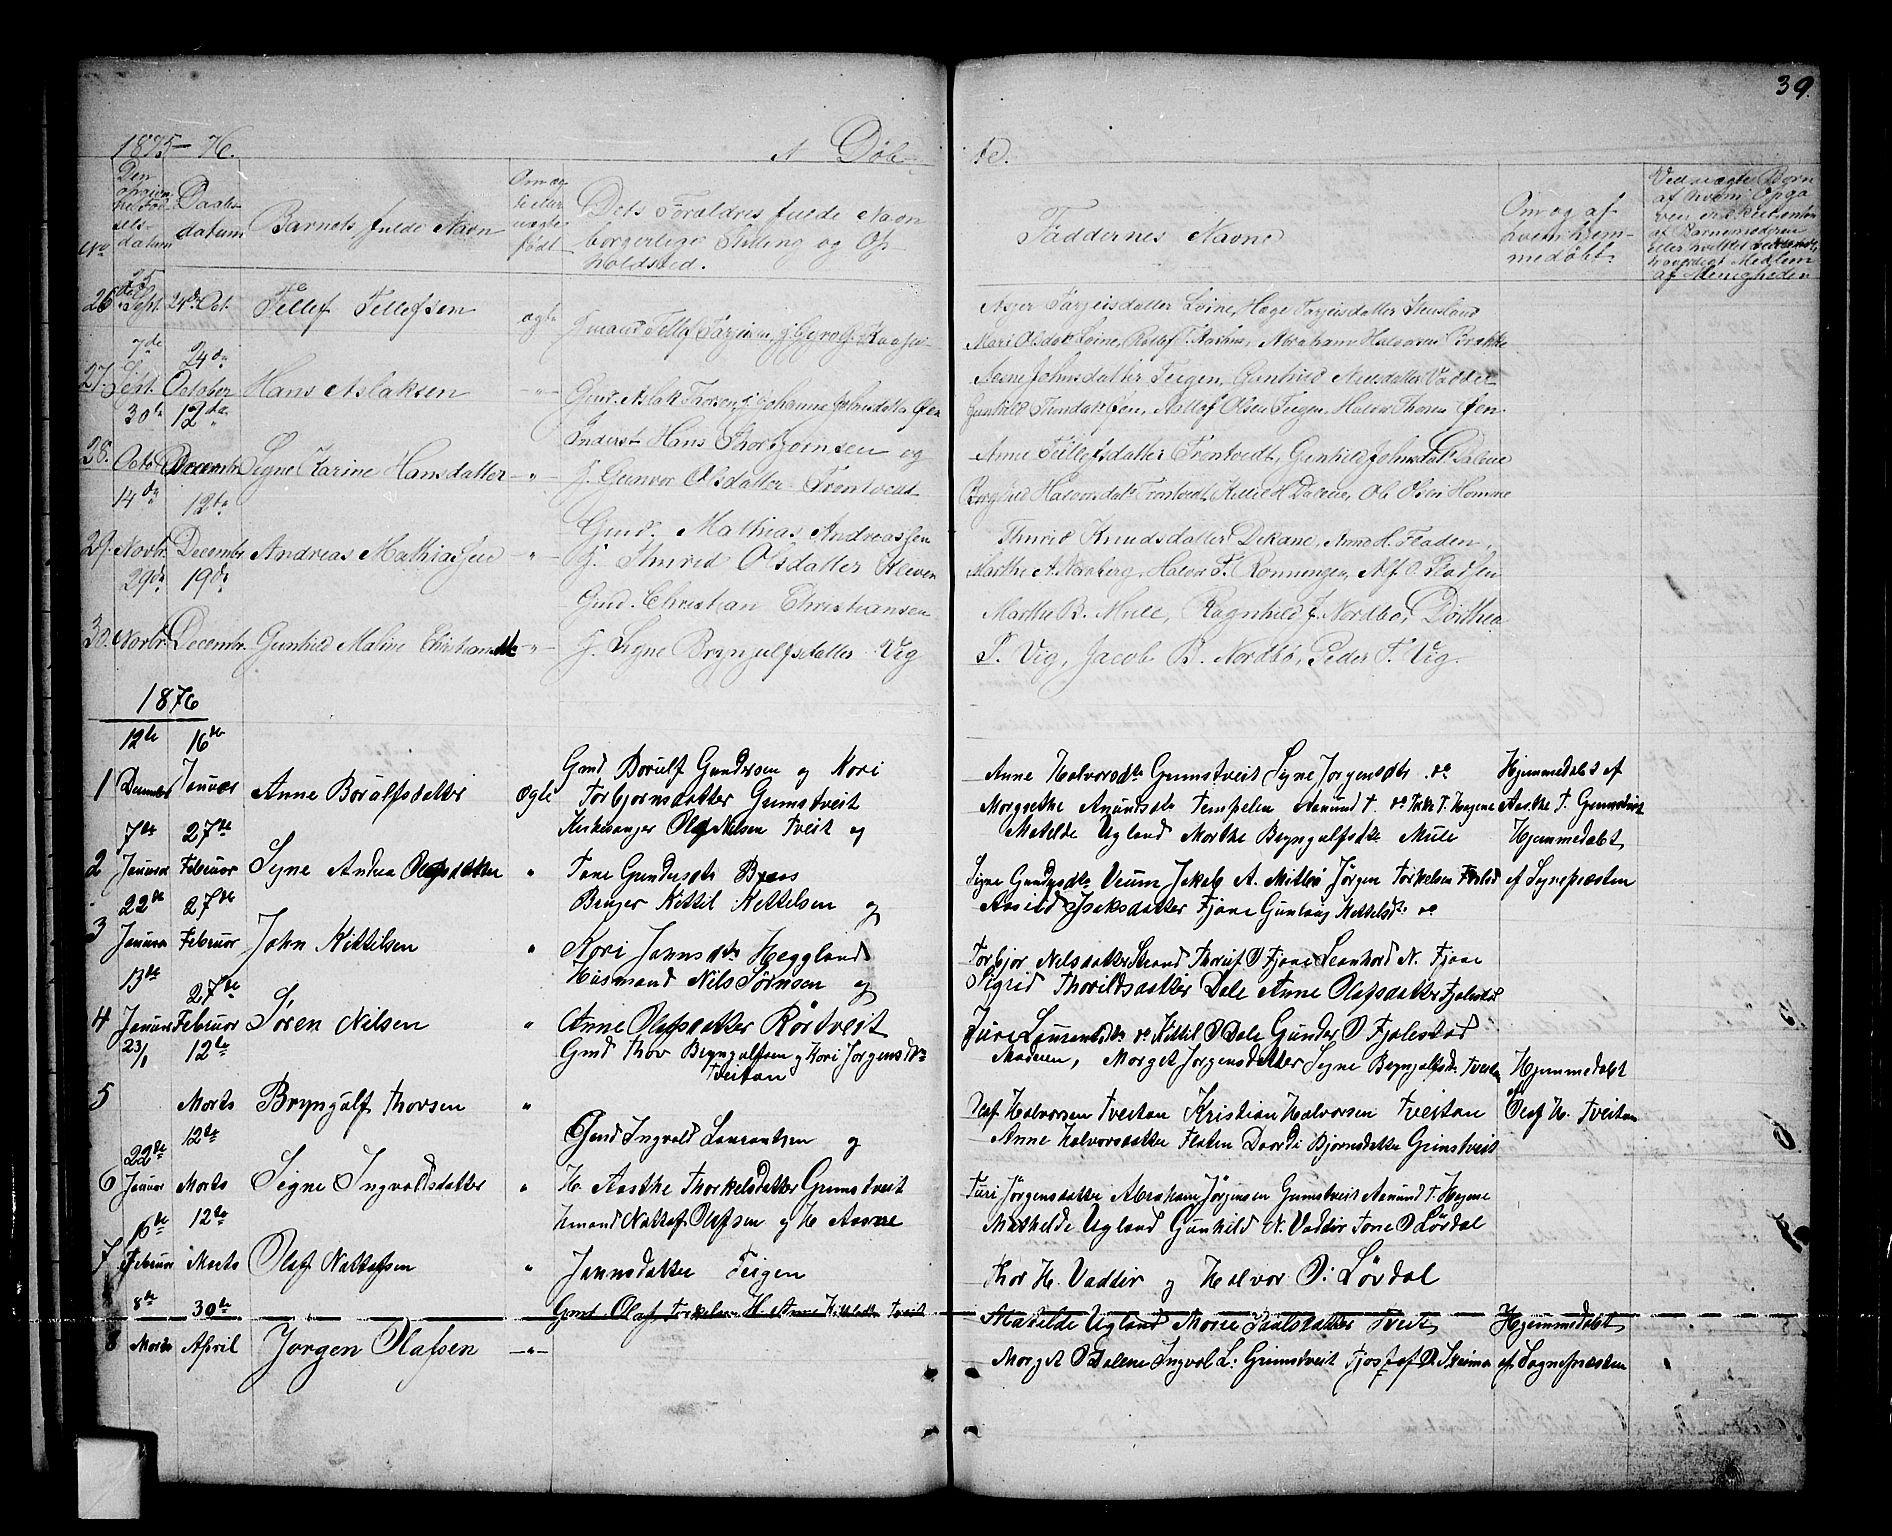 SAKO, Nissedal kirkebøker, G/Ga/L0002: Klokkerbok nr. I 2, 1861-1887, s. 39